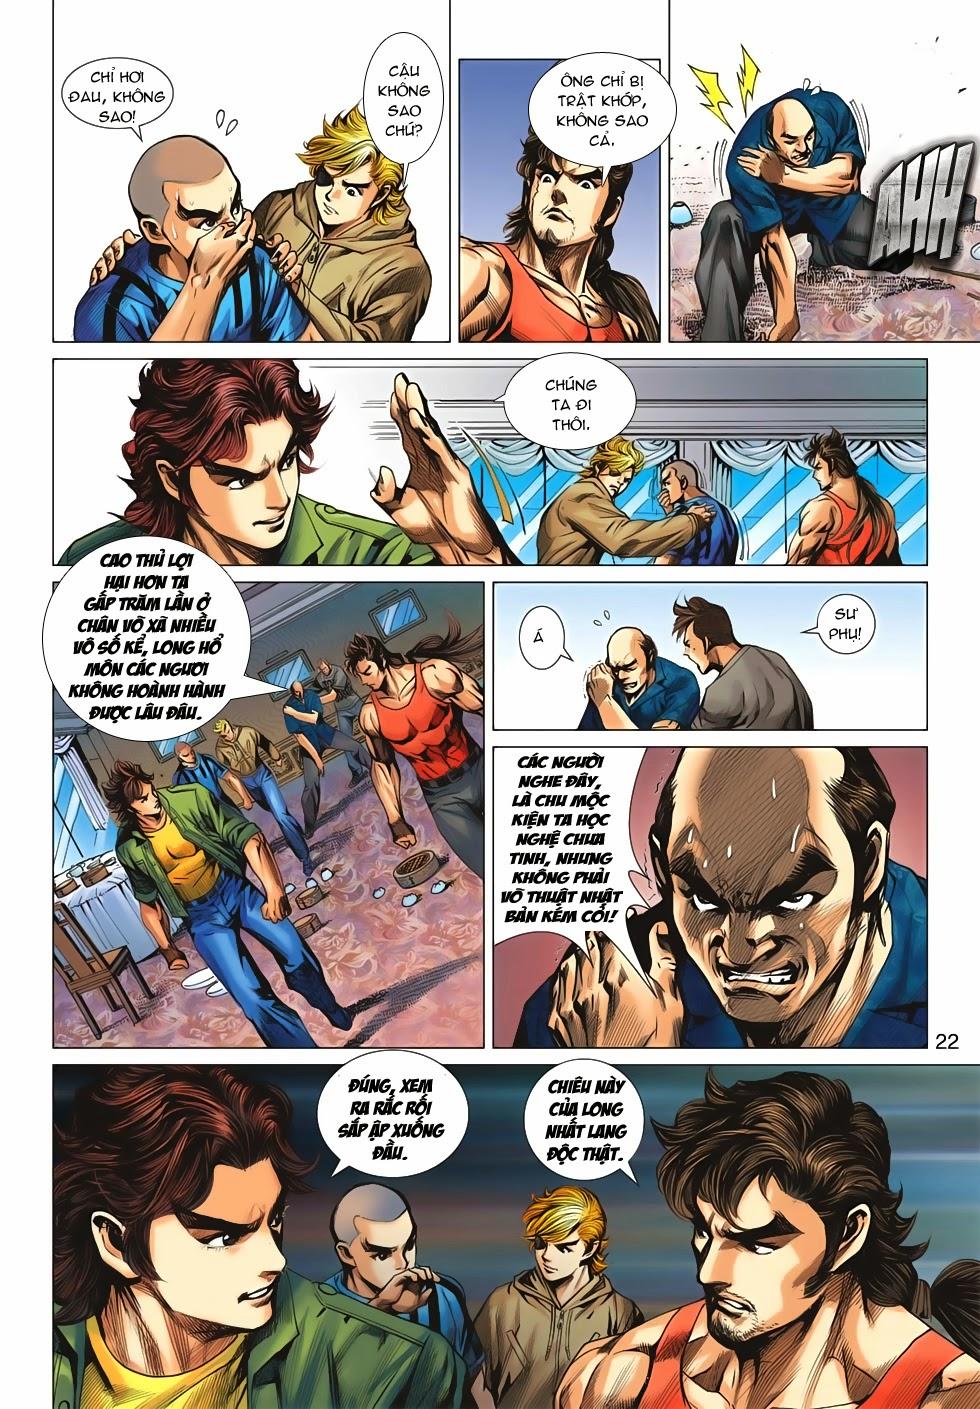 Tân Tác Long Hổ Môn chap 659 - Trang 22